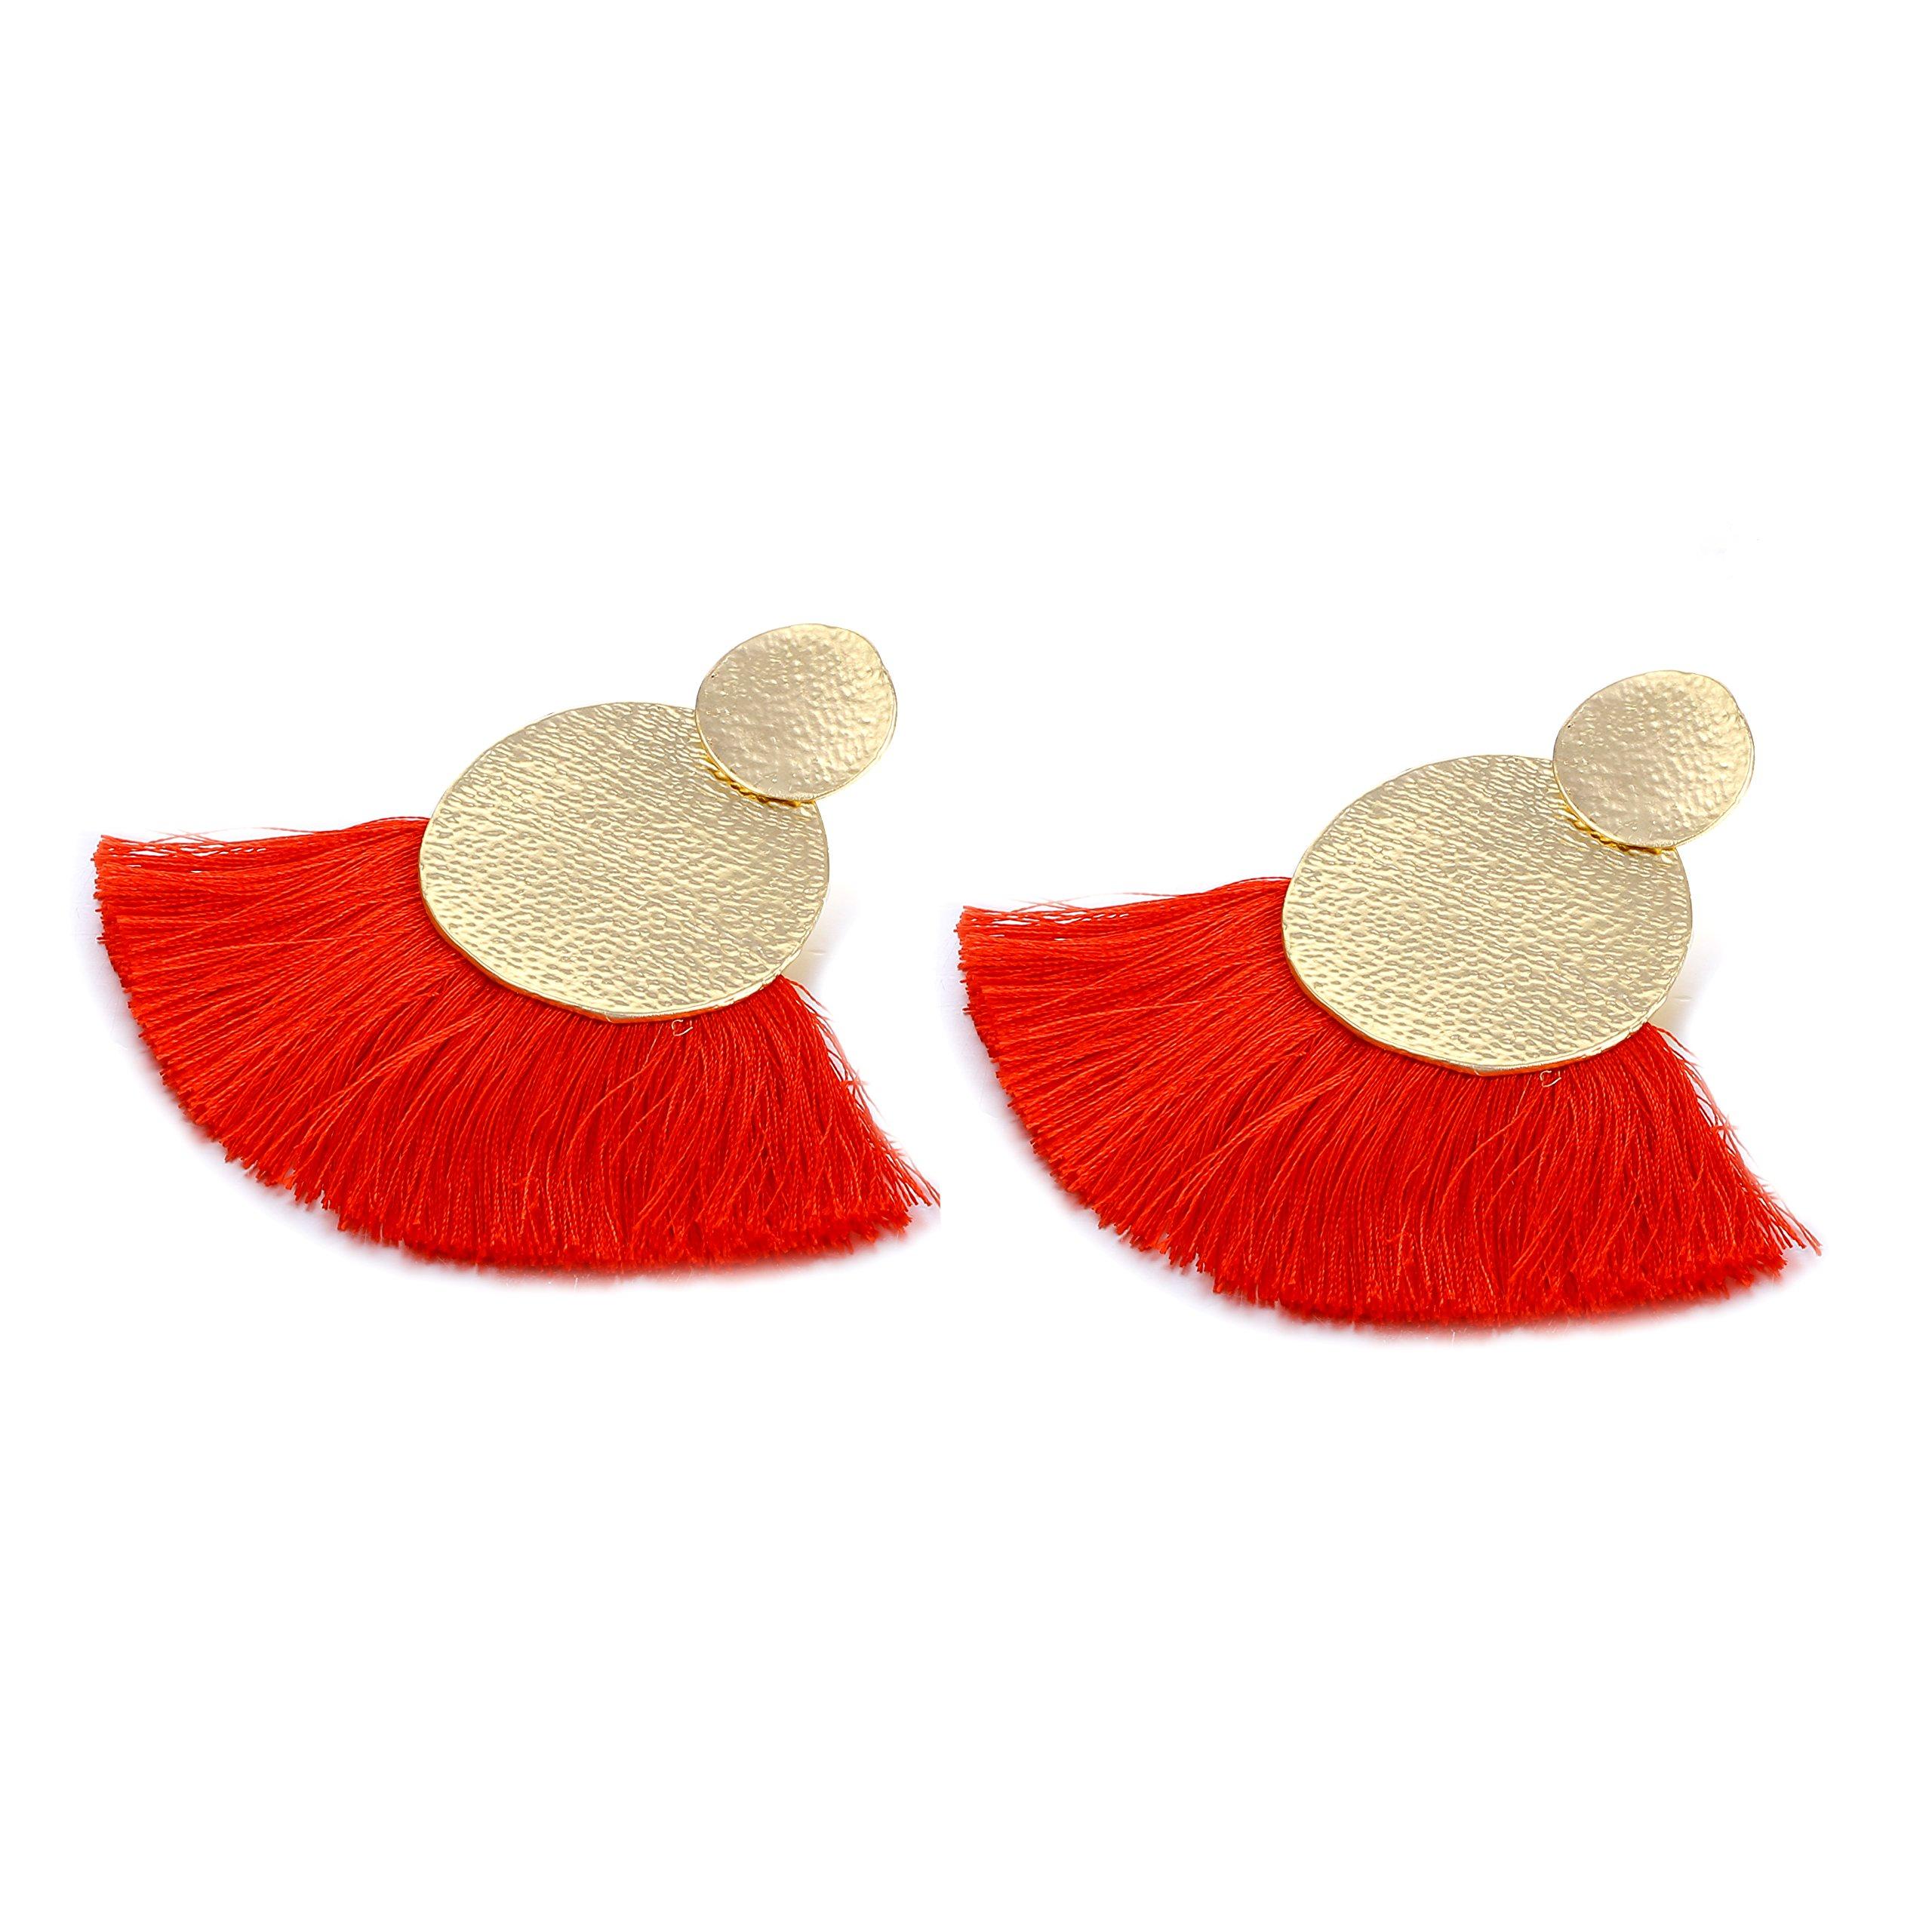 Fashion Tassel Earrings for Women Hot Sale Bohemia National Style Jewelry Female Summer Style Drop Earrings(Red) by du fangbin